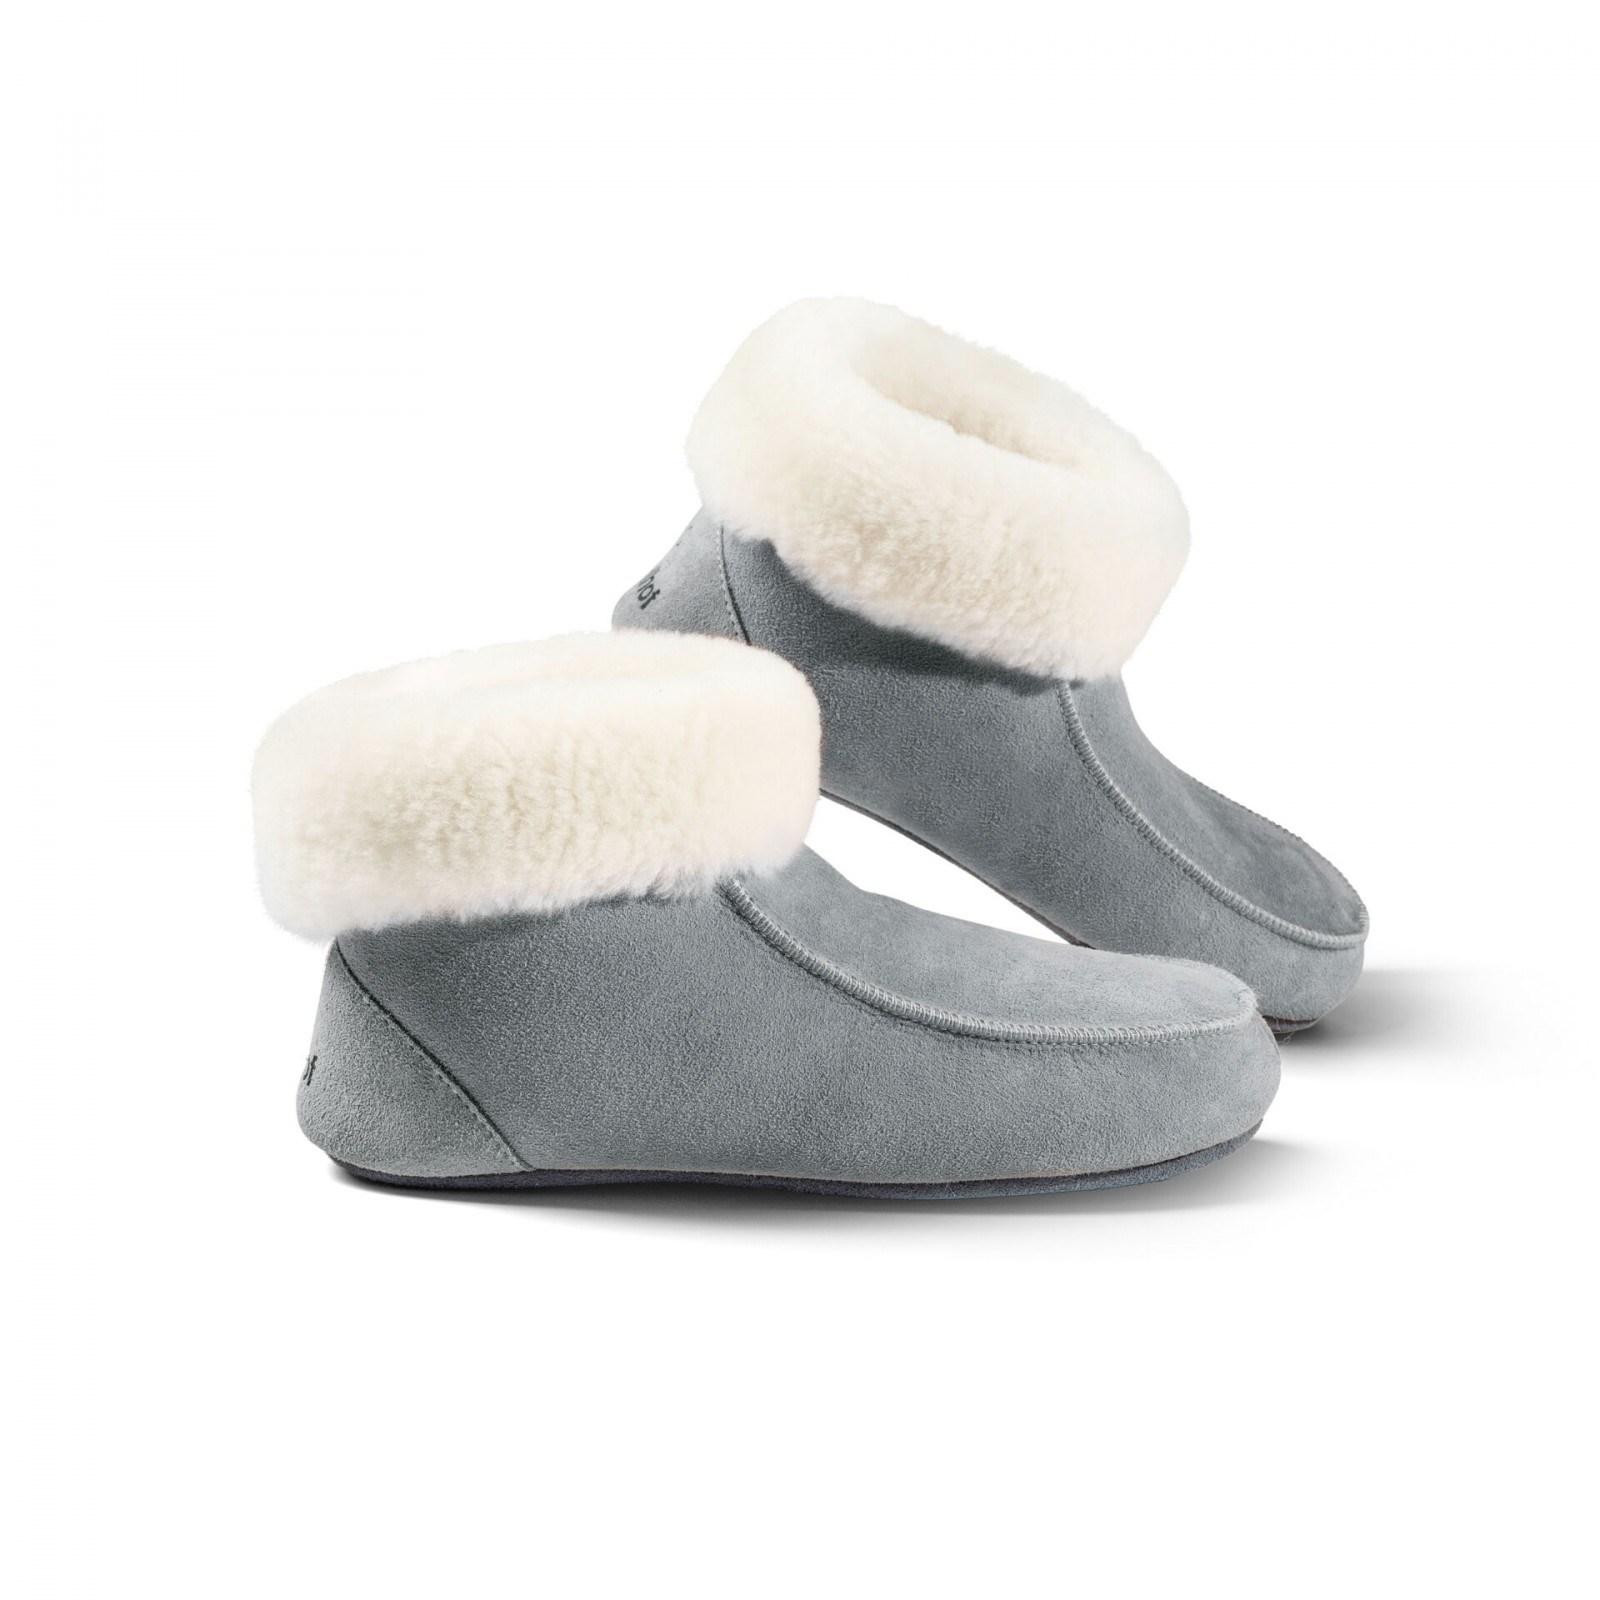 Damen Hausschuhe Lammfell Pantoffeln Hüttenschuhe Winter Warm Ledersohle 36 46